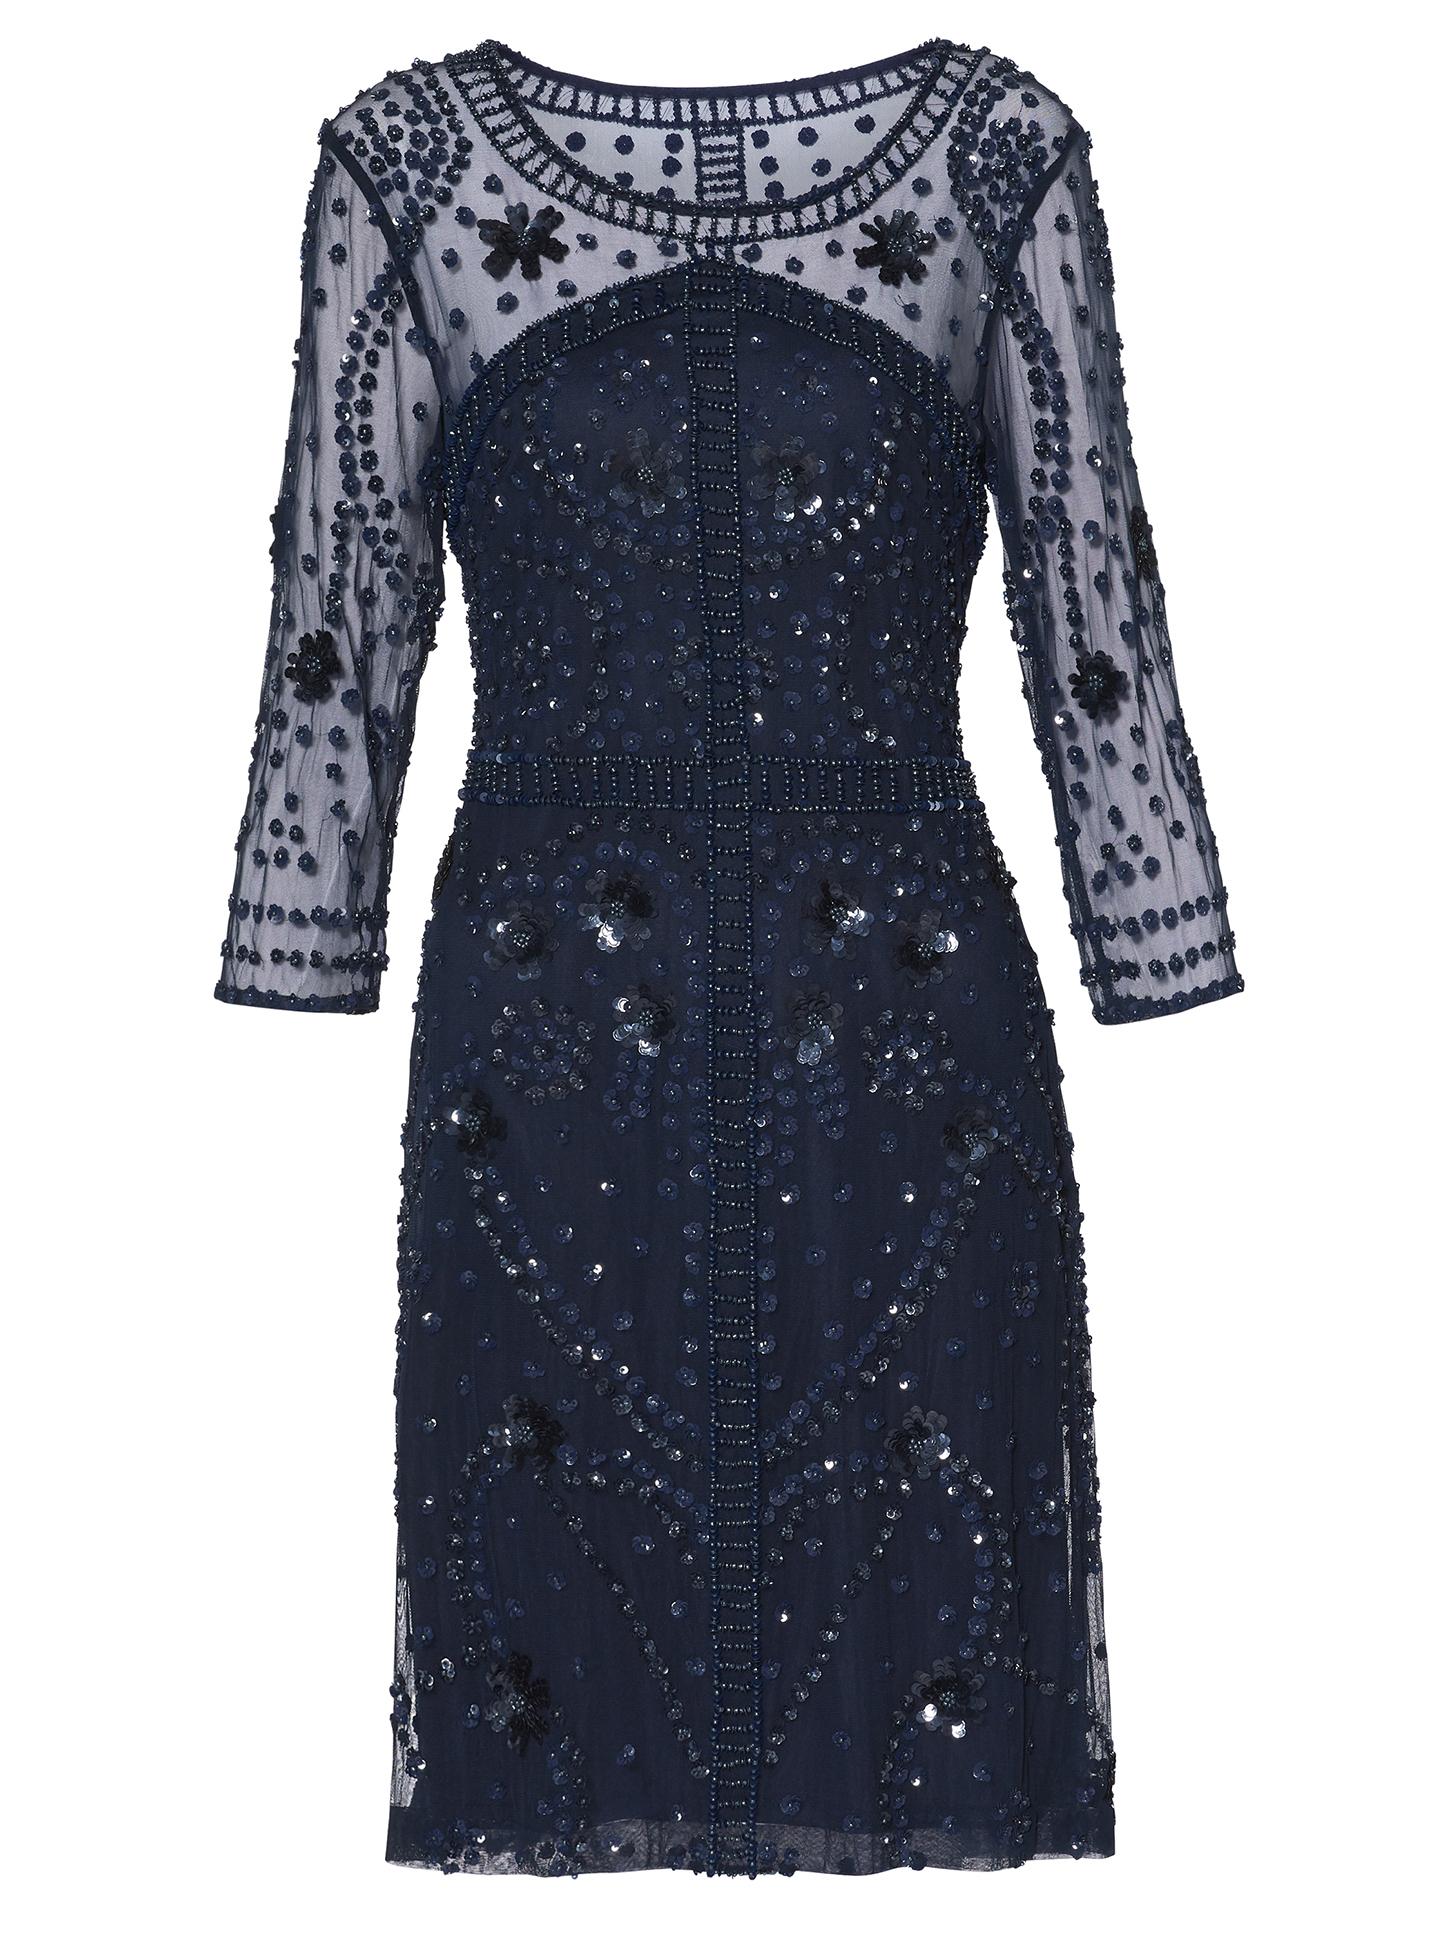 Mariella Beaded Dress